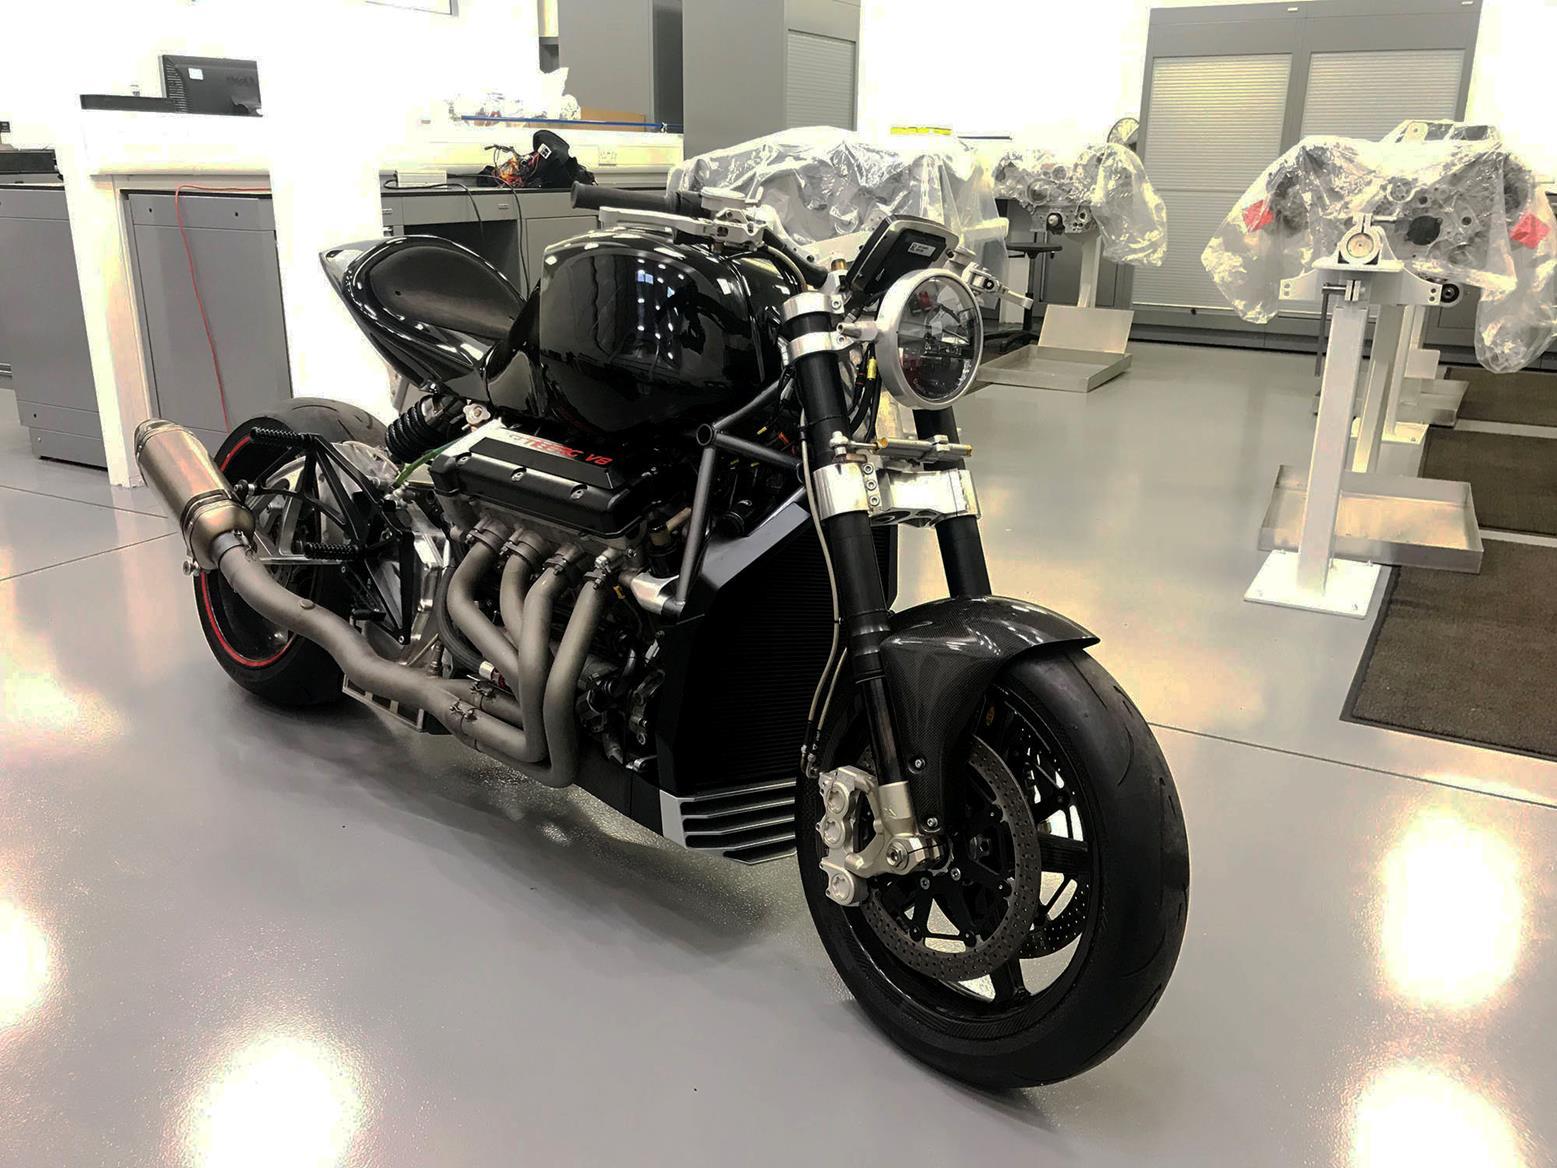 Eisenberg V8 front